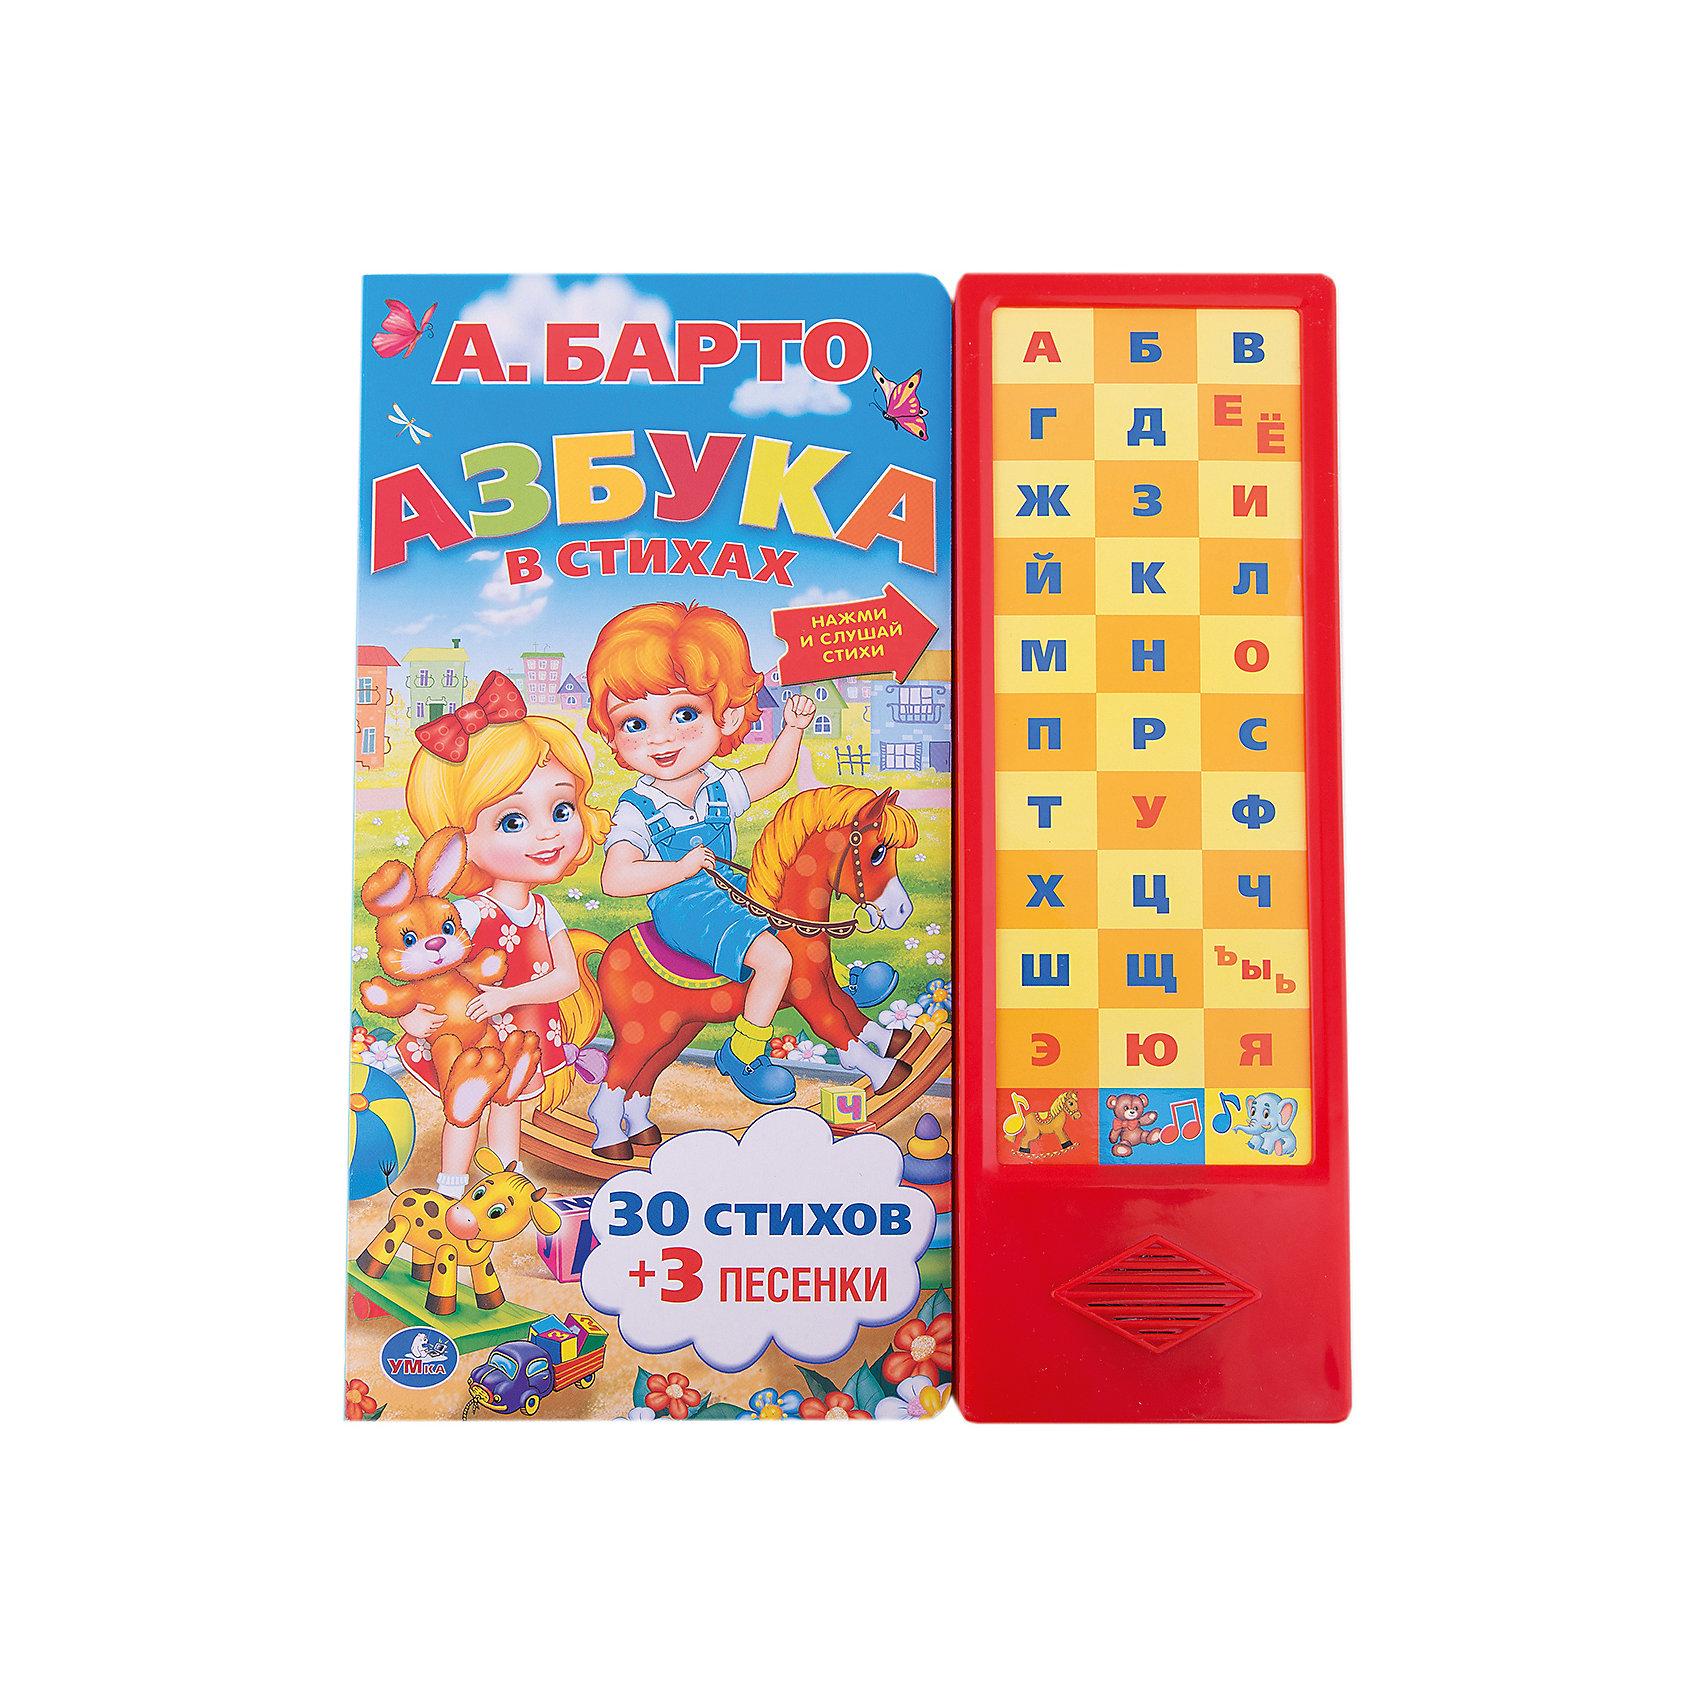 Книга с 33 кнопками Азбука, А.Л. БартоАзбука от издательства Умка прекрасная возможность учить буквы с удовольствием! Замечательные стихи Агнии Барто, ставшие классикой детской литературы, можно теперь не только читать, но и слушать! Ребенок с удовольствием будет перелистывать плотные страницы, наполненные красочными иллюстрациями. А если малыш устал от изучения букв, можно послушать замечательные песенки, а может даже и потанцевать. Учитесь и веселитесь вместе с Азбукой Умка!<br><br>Дополнительное описание:<br><br>- Количество страниц: 16;<br>- Плотные, яркие, картонные страницы;<br>- Прекрасные стихи классика детской литературы Агнии Барто;<br>- 33 звуковые кнопки;<br>- 30 замечательных стихотворений + 3 песенки;<br>- Для работы требуются 3ААА (3 мизинчиковые батарейки);<br>- Размер: 25,3 х 29,6 см;<br>- Вес: 690 г<br><br>Агния Барто Азбука (33 звуковые кнопки), Умка можно купить в нашем интернет-магазине.<br><br>Ширина мм: 250<br>Глубина мм: 300<br>Высота мм: 20<br>Вес г: 690<br>Возраст от месяцев: 12<br>Возраст до месяцев: 84<br>Пол: Унисекс<br>Возраст: Детский<br>SKU: 3915815